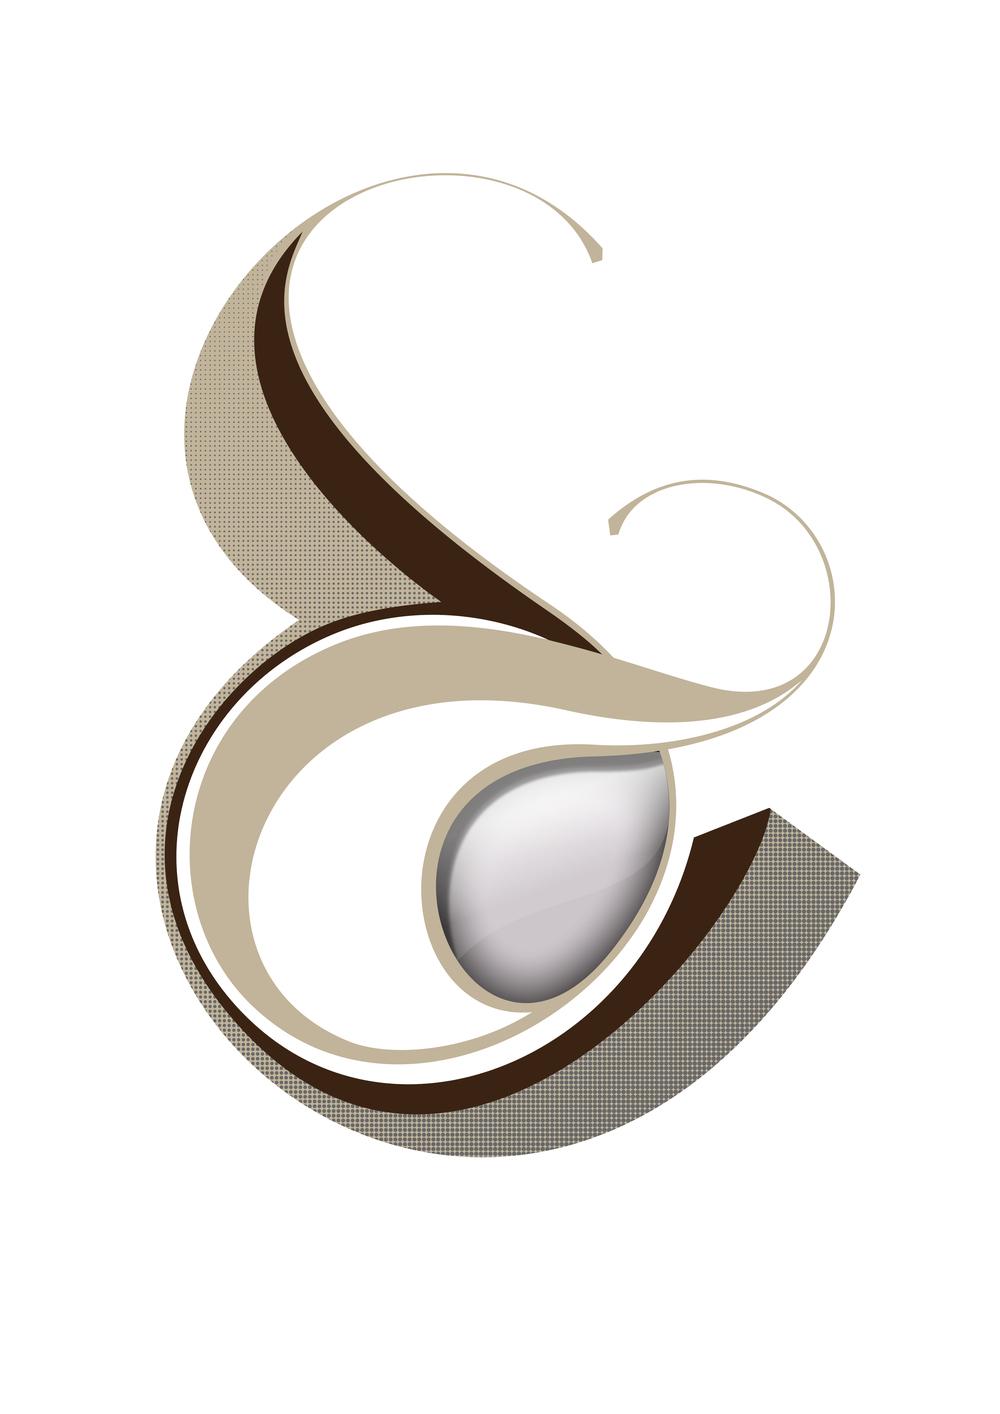 Playful-ampersand-moshik-nadav-typography-11.jpg